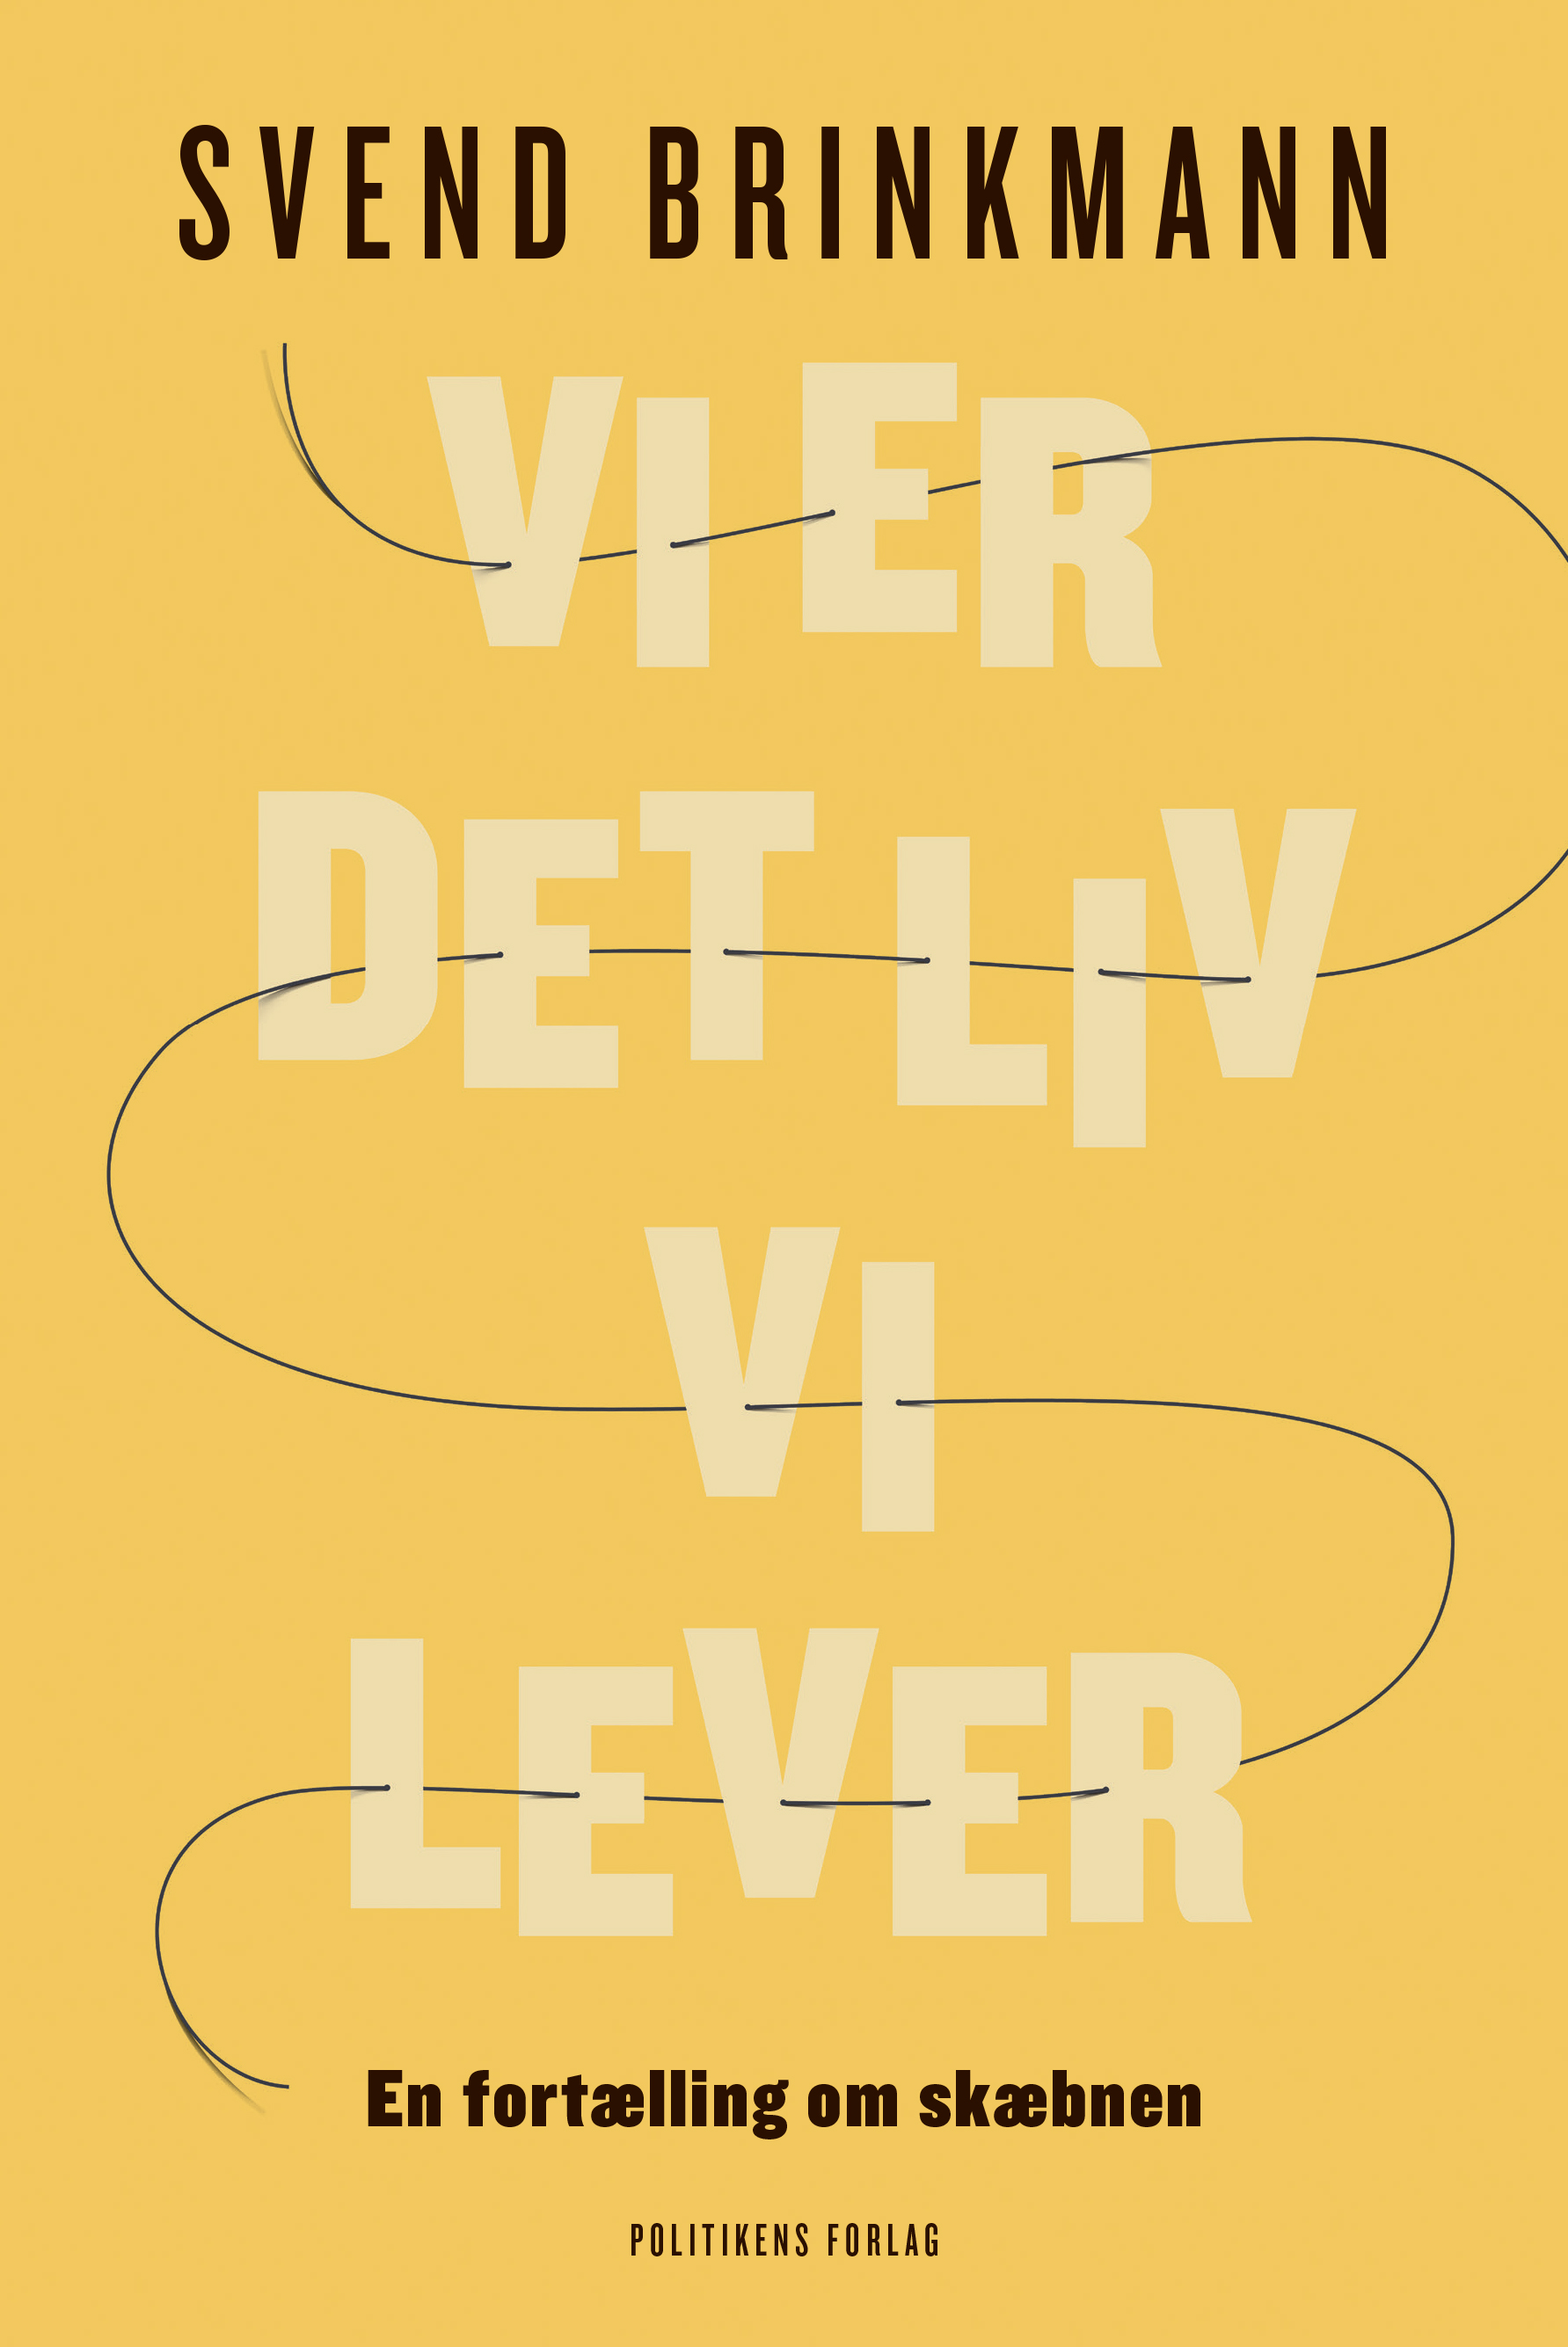 Vi er det liv vi lever - Svend Brinkmann - Bøger - Politikens Forlag - 9788740054699 - March 25, 2021